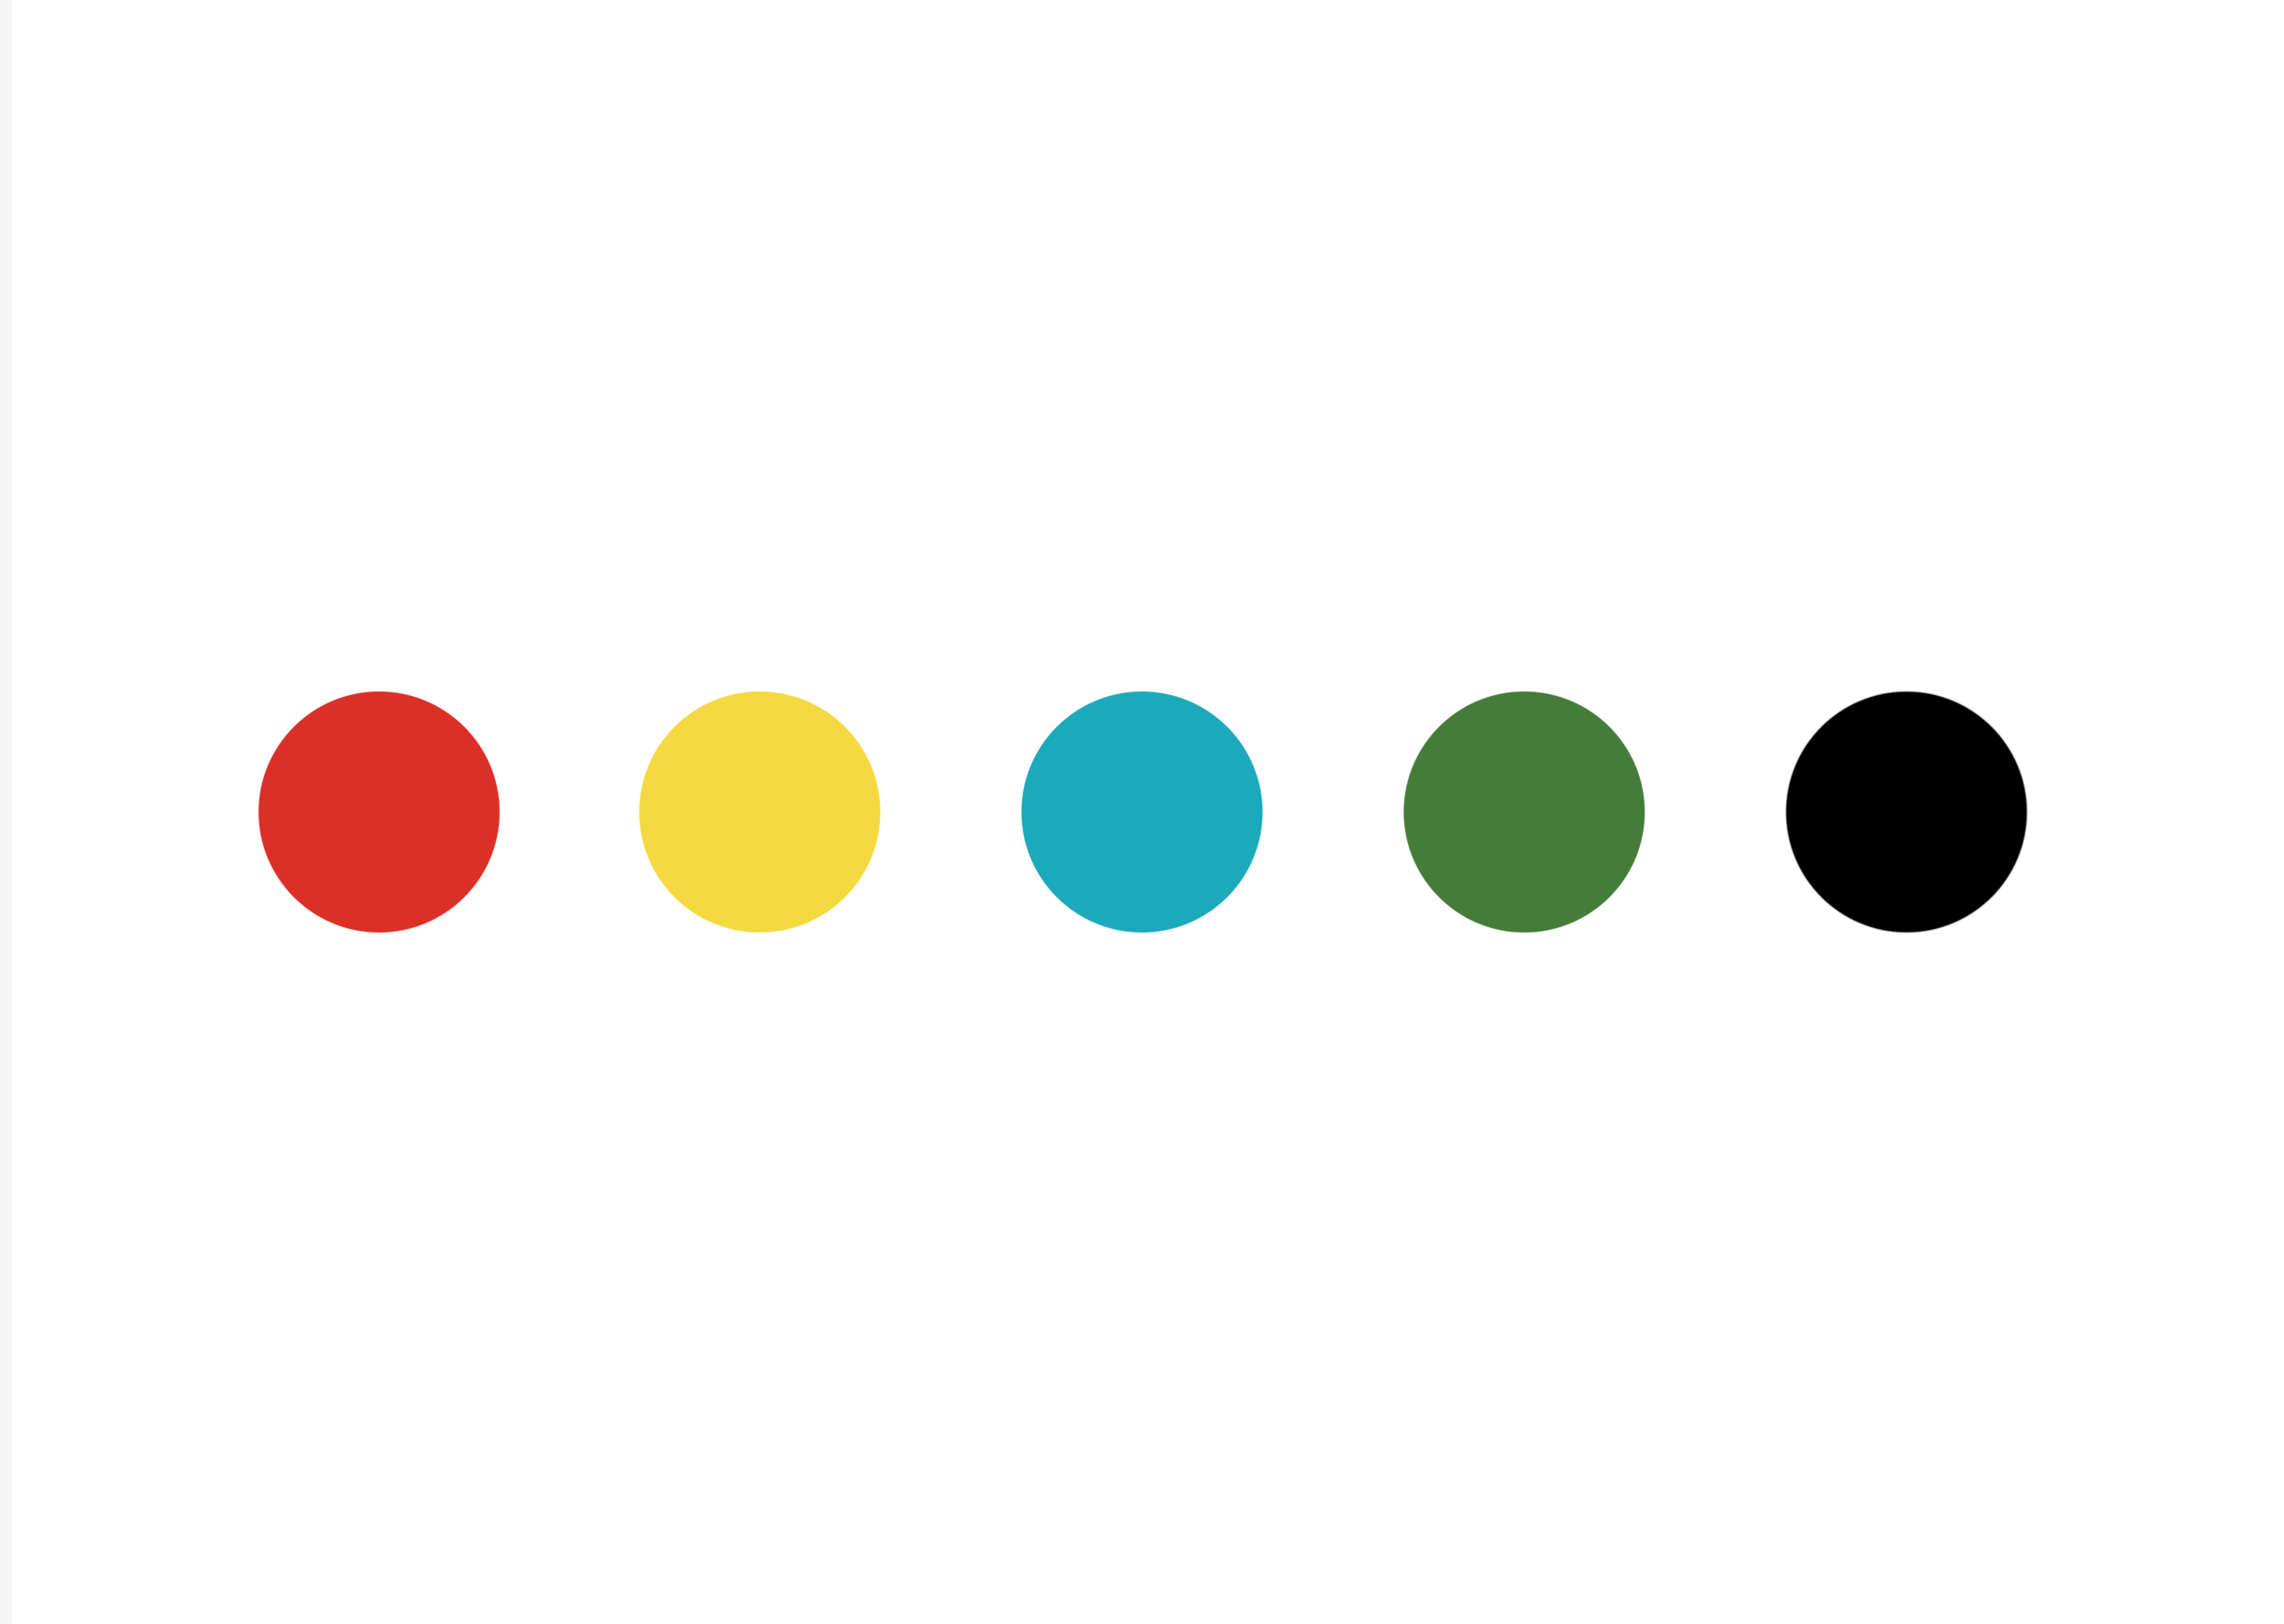 color palette 2@3x.png